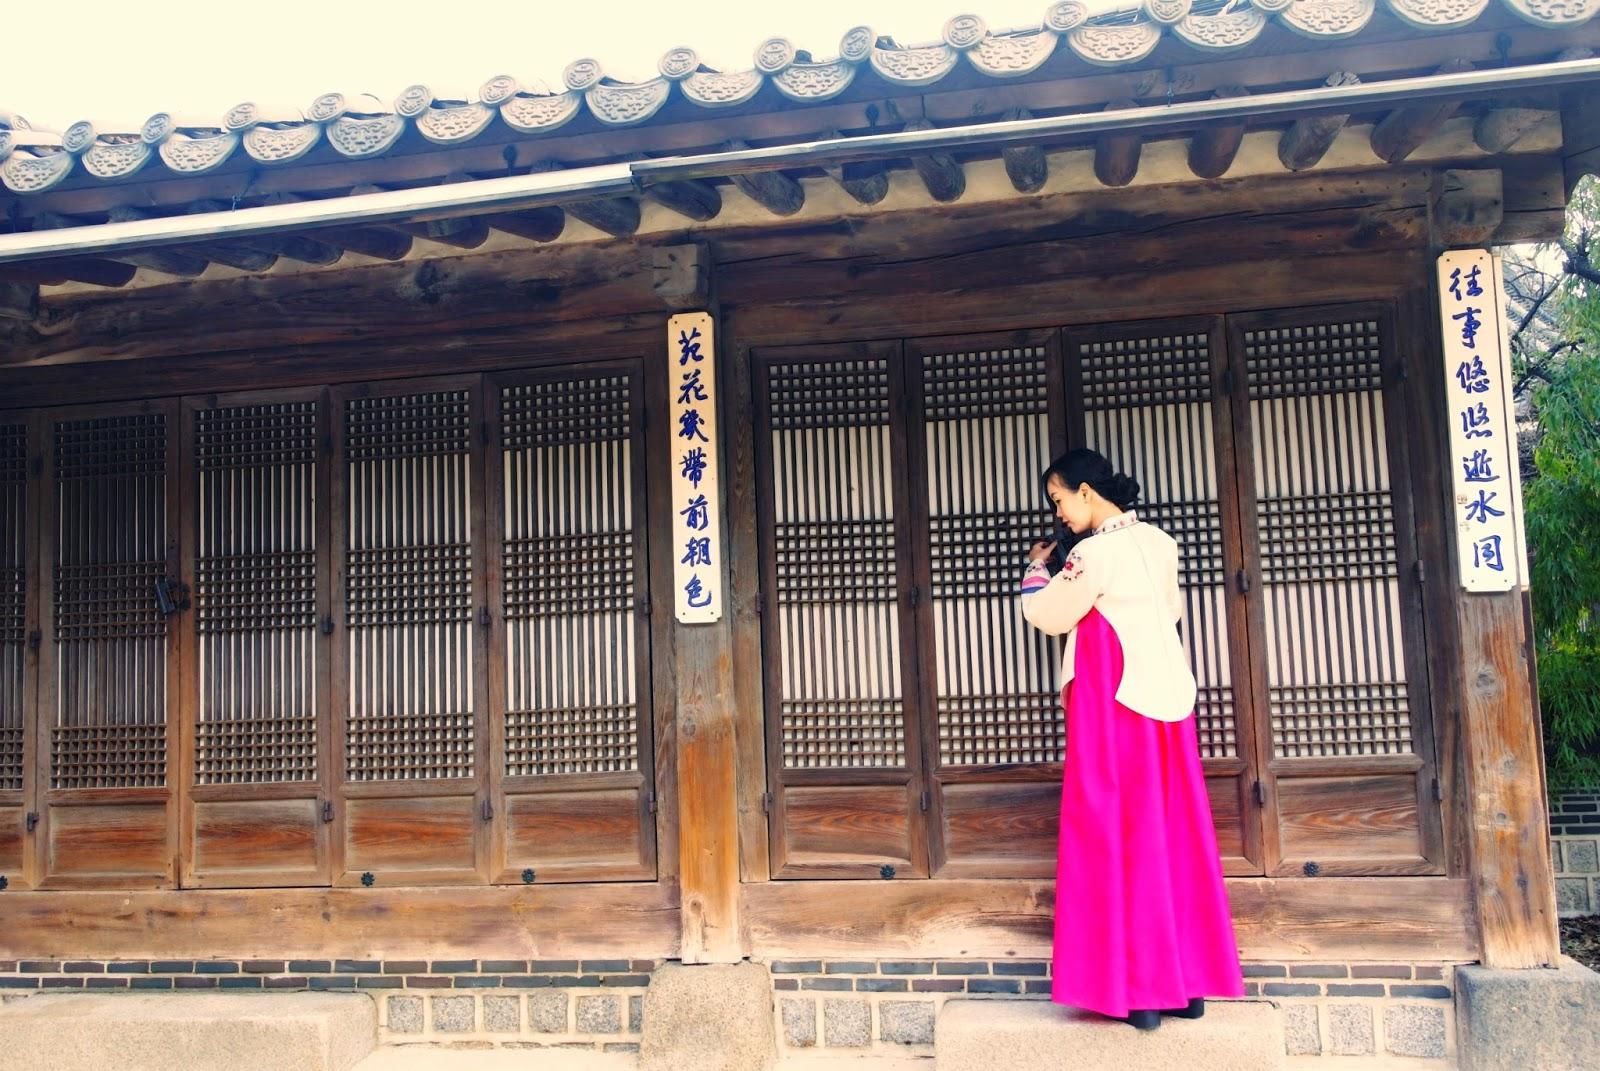 한복촬영,한복 야외촬영 meheartseoul.blogspot.com (Vera Lee)